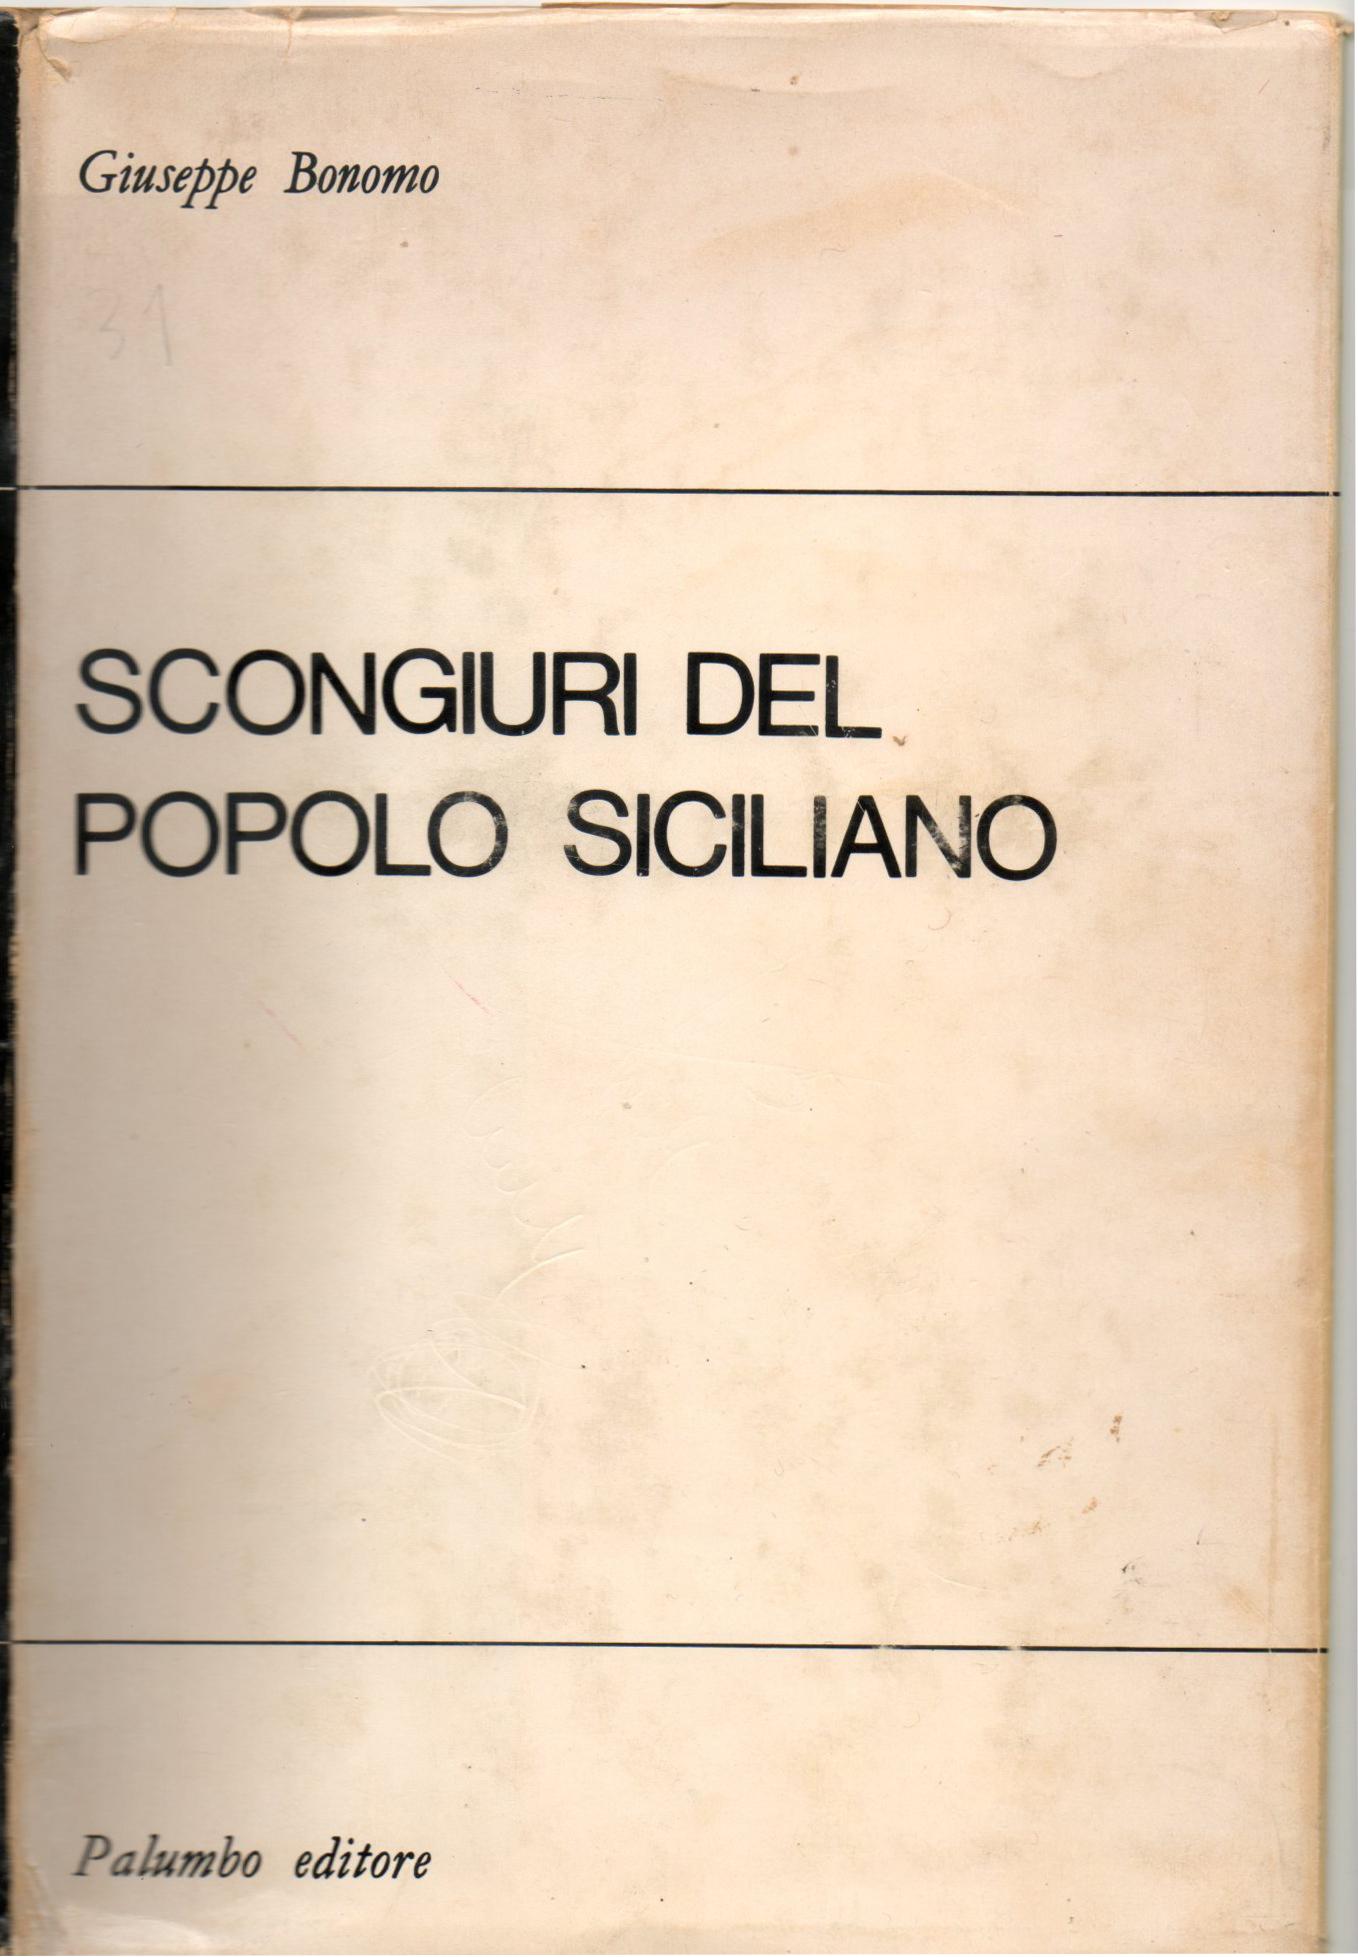 Scongiuri del popolo siciliano